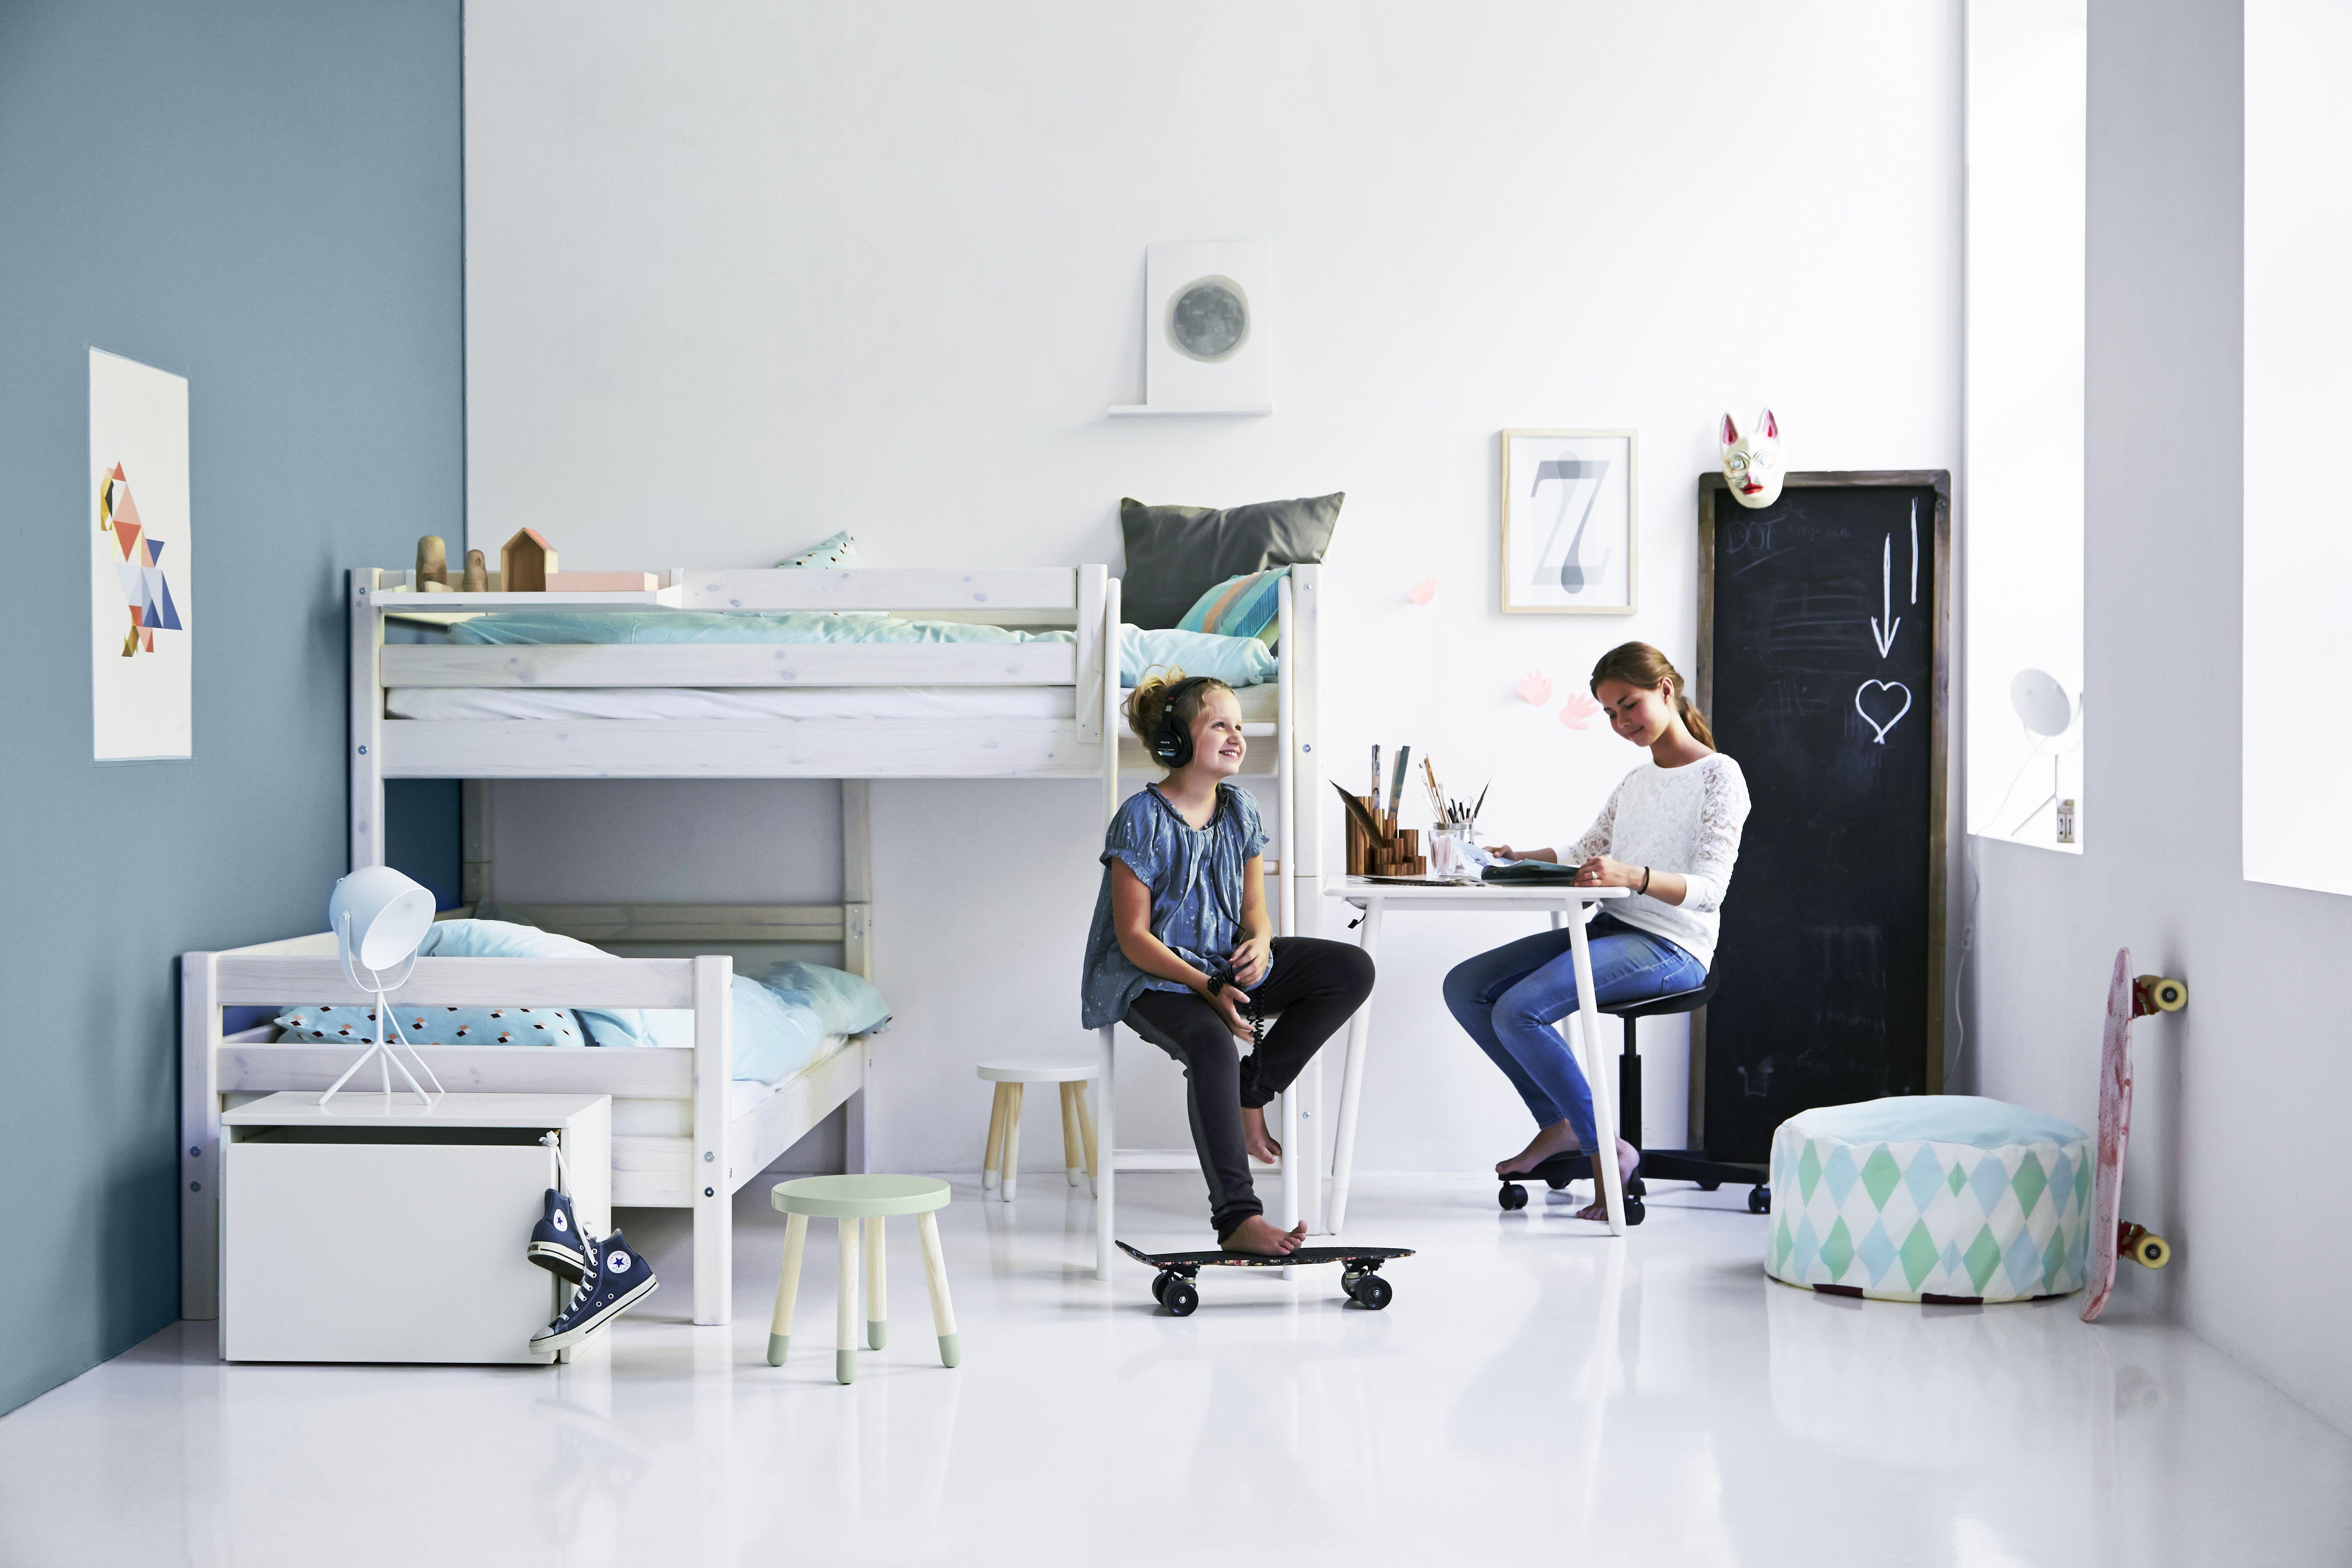 Cool Kinderzimmer mit Etagenbett FLEXA individuell zusammenstellbar und Bank FLEXA PLAY weiss auch